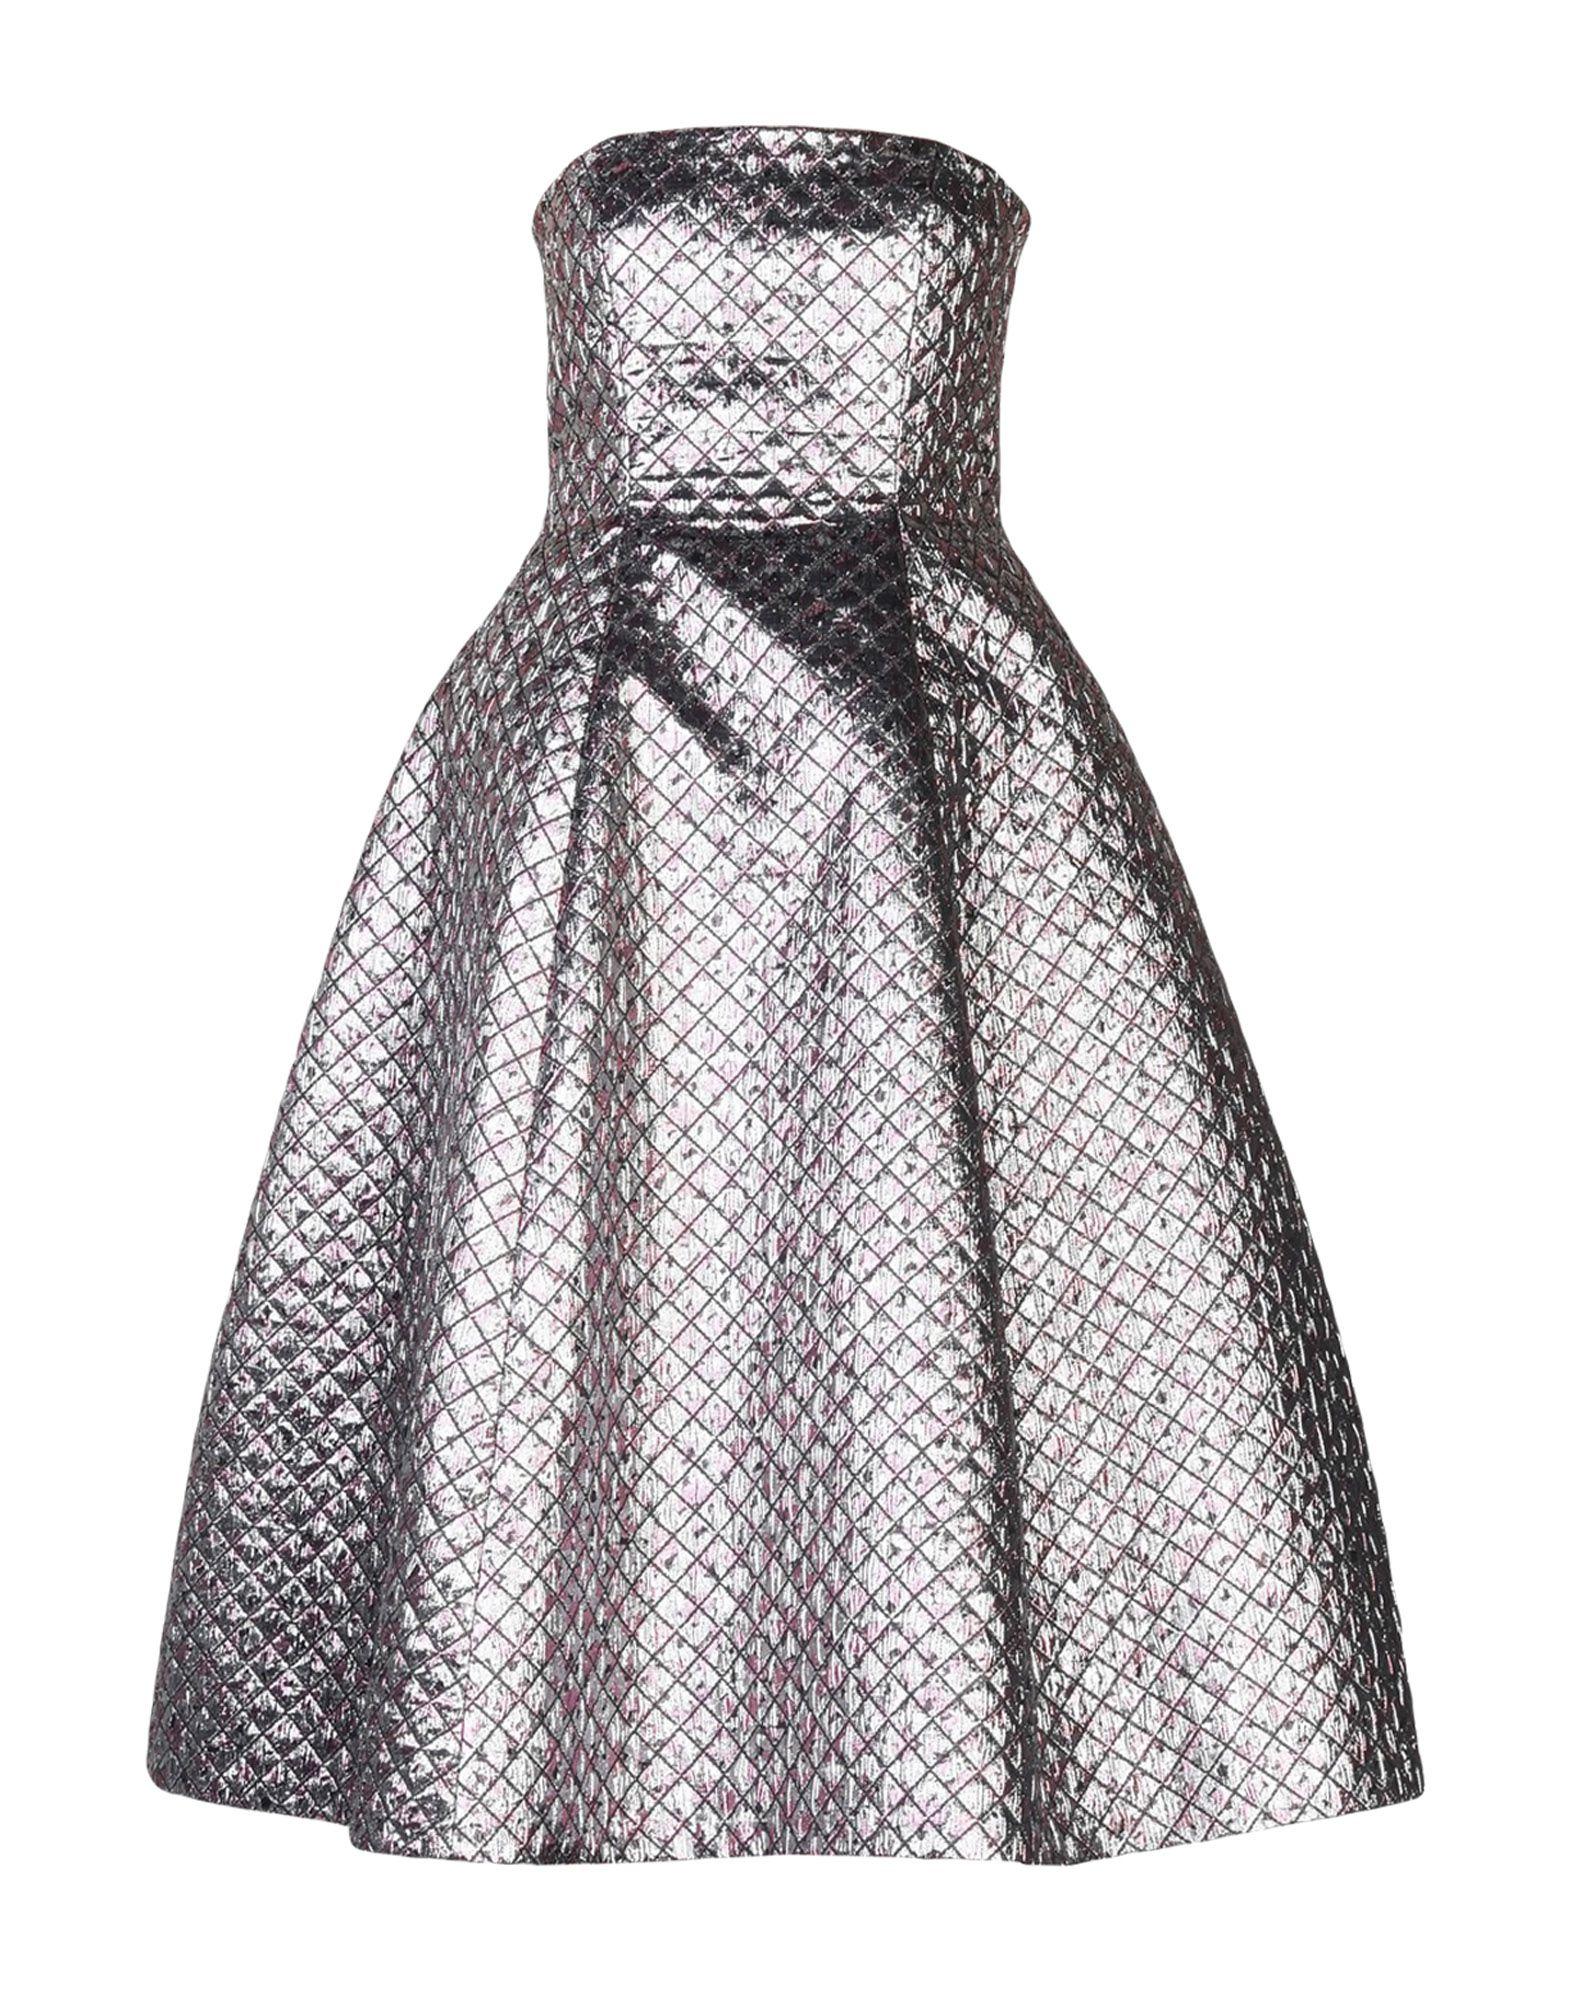 DANIELE CARLOTTA Knee-Length Dress in Silver